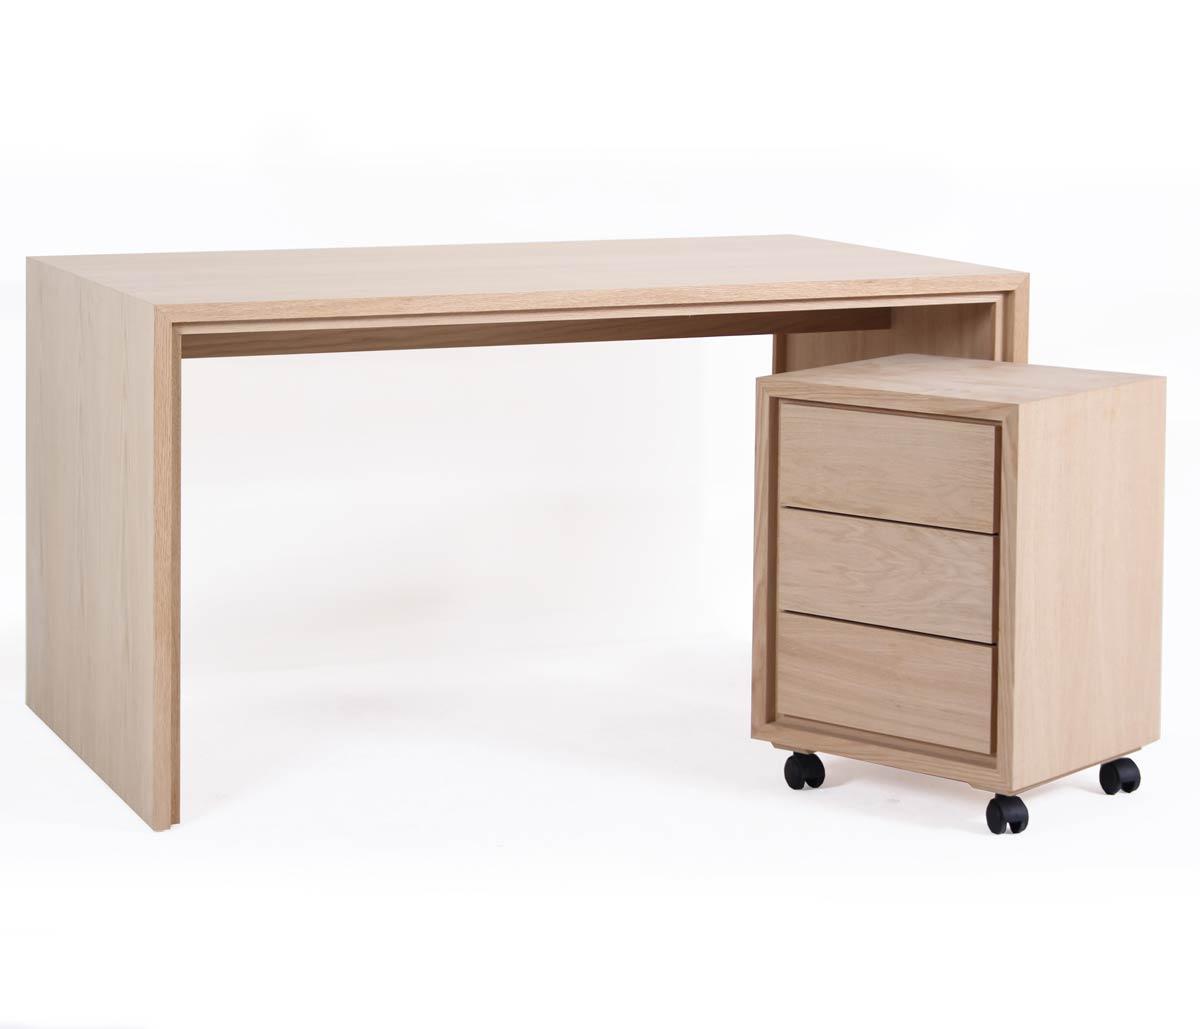 Bureau multim dia ch ne 140 cm personnalisable groomy 5774 for Bureau multimedia